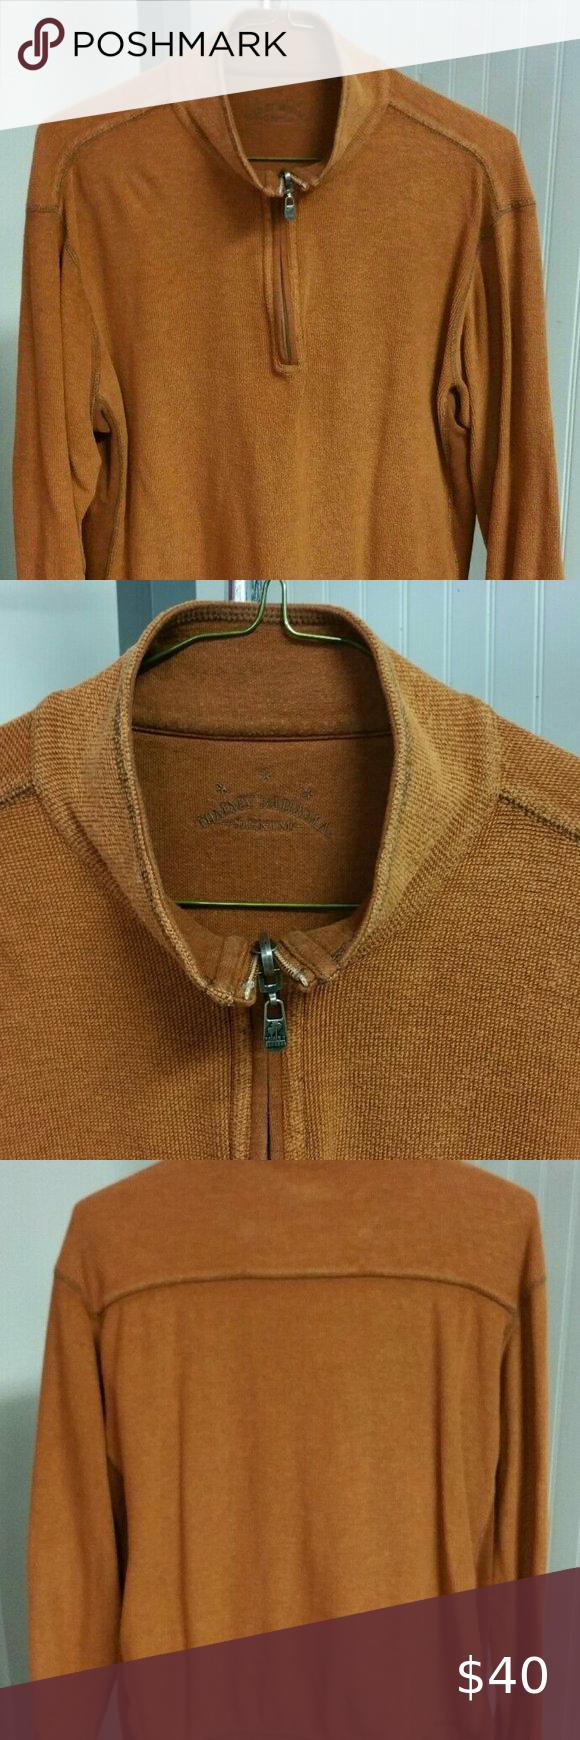 Tommy Bahama Denim 1 2 Zip Burnt Orange Reversible Reversible Sweater Mens Sweatshirts Tommy Bahama [ 1740 x 580 Pixel ]